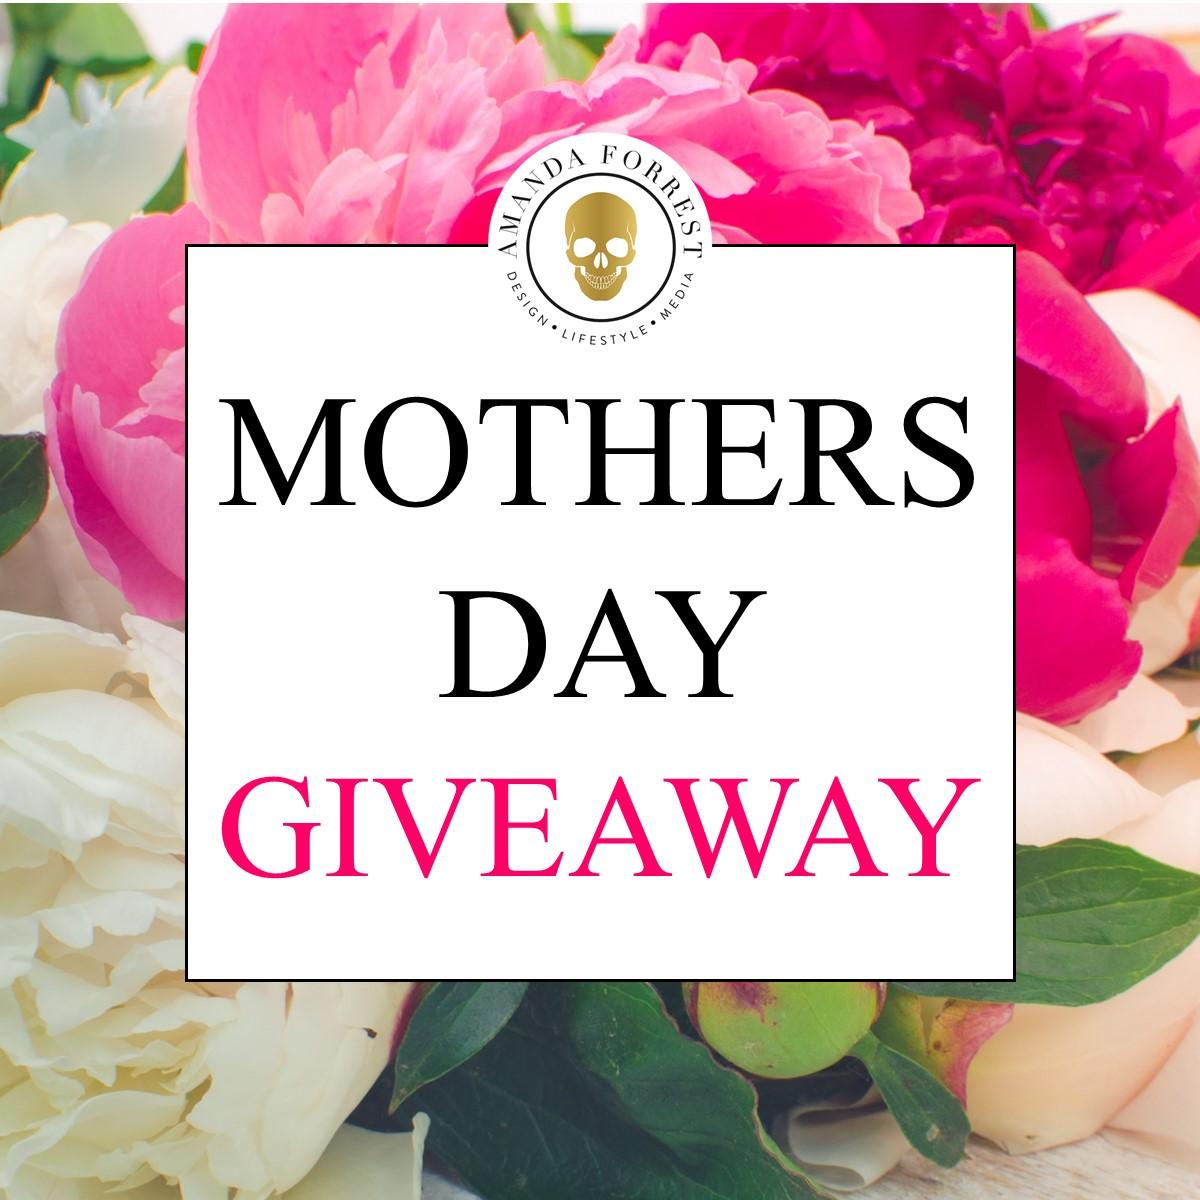 Mega Mothers Day Giveaway - Amanda Forrest